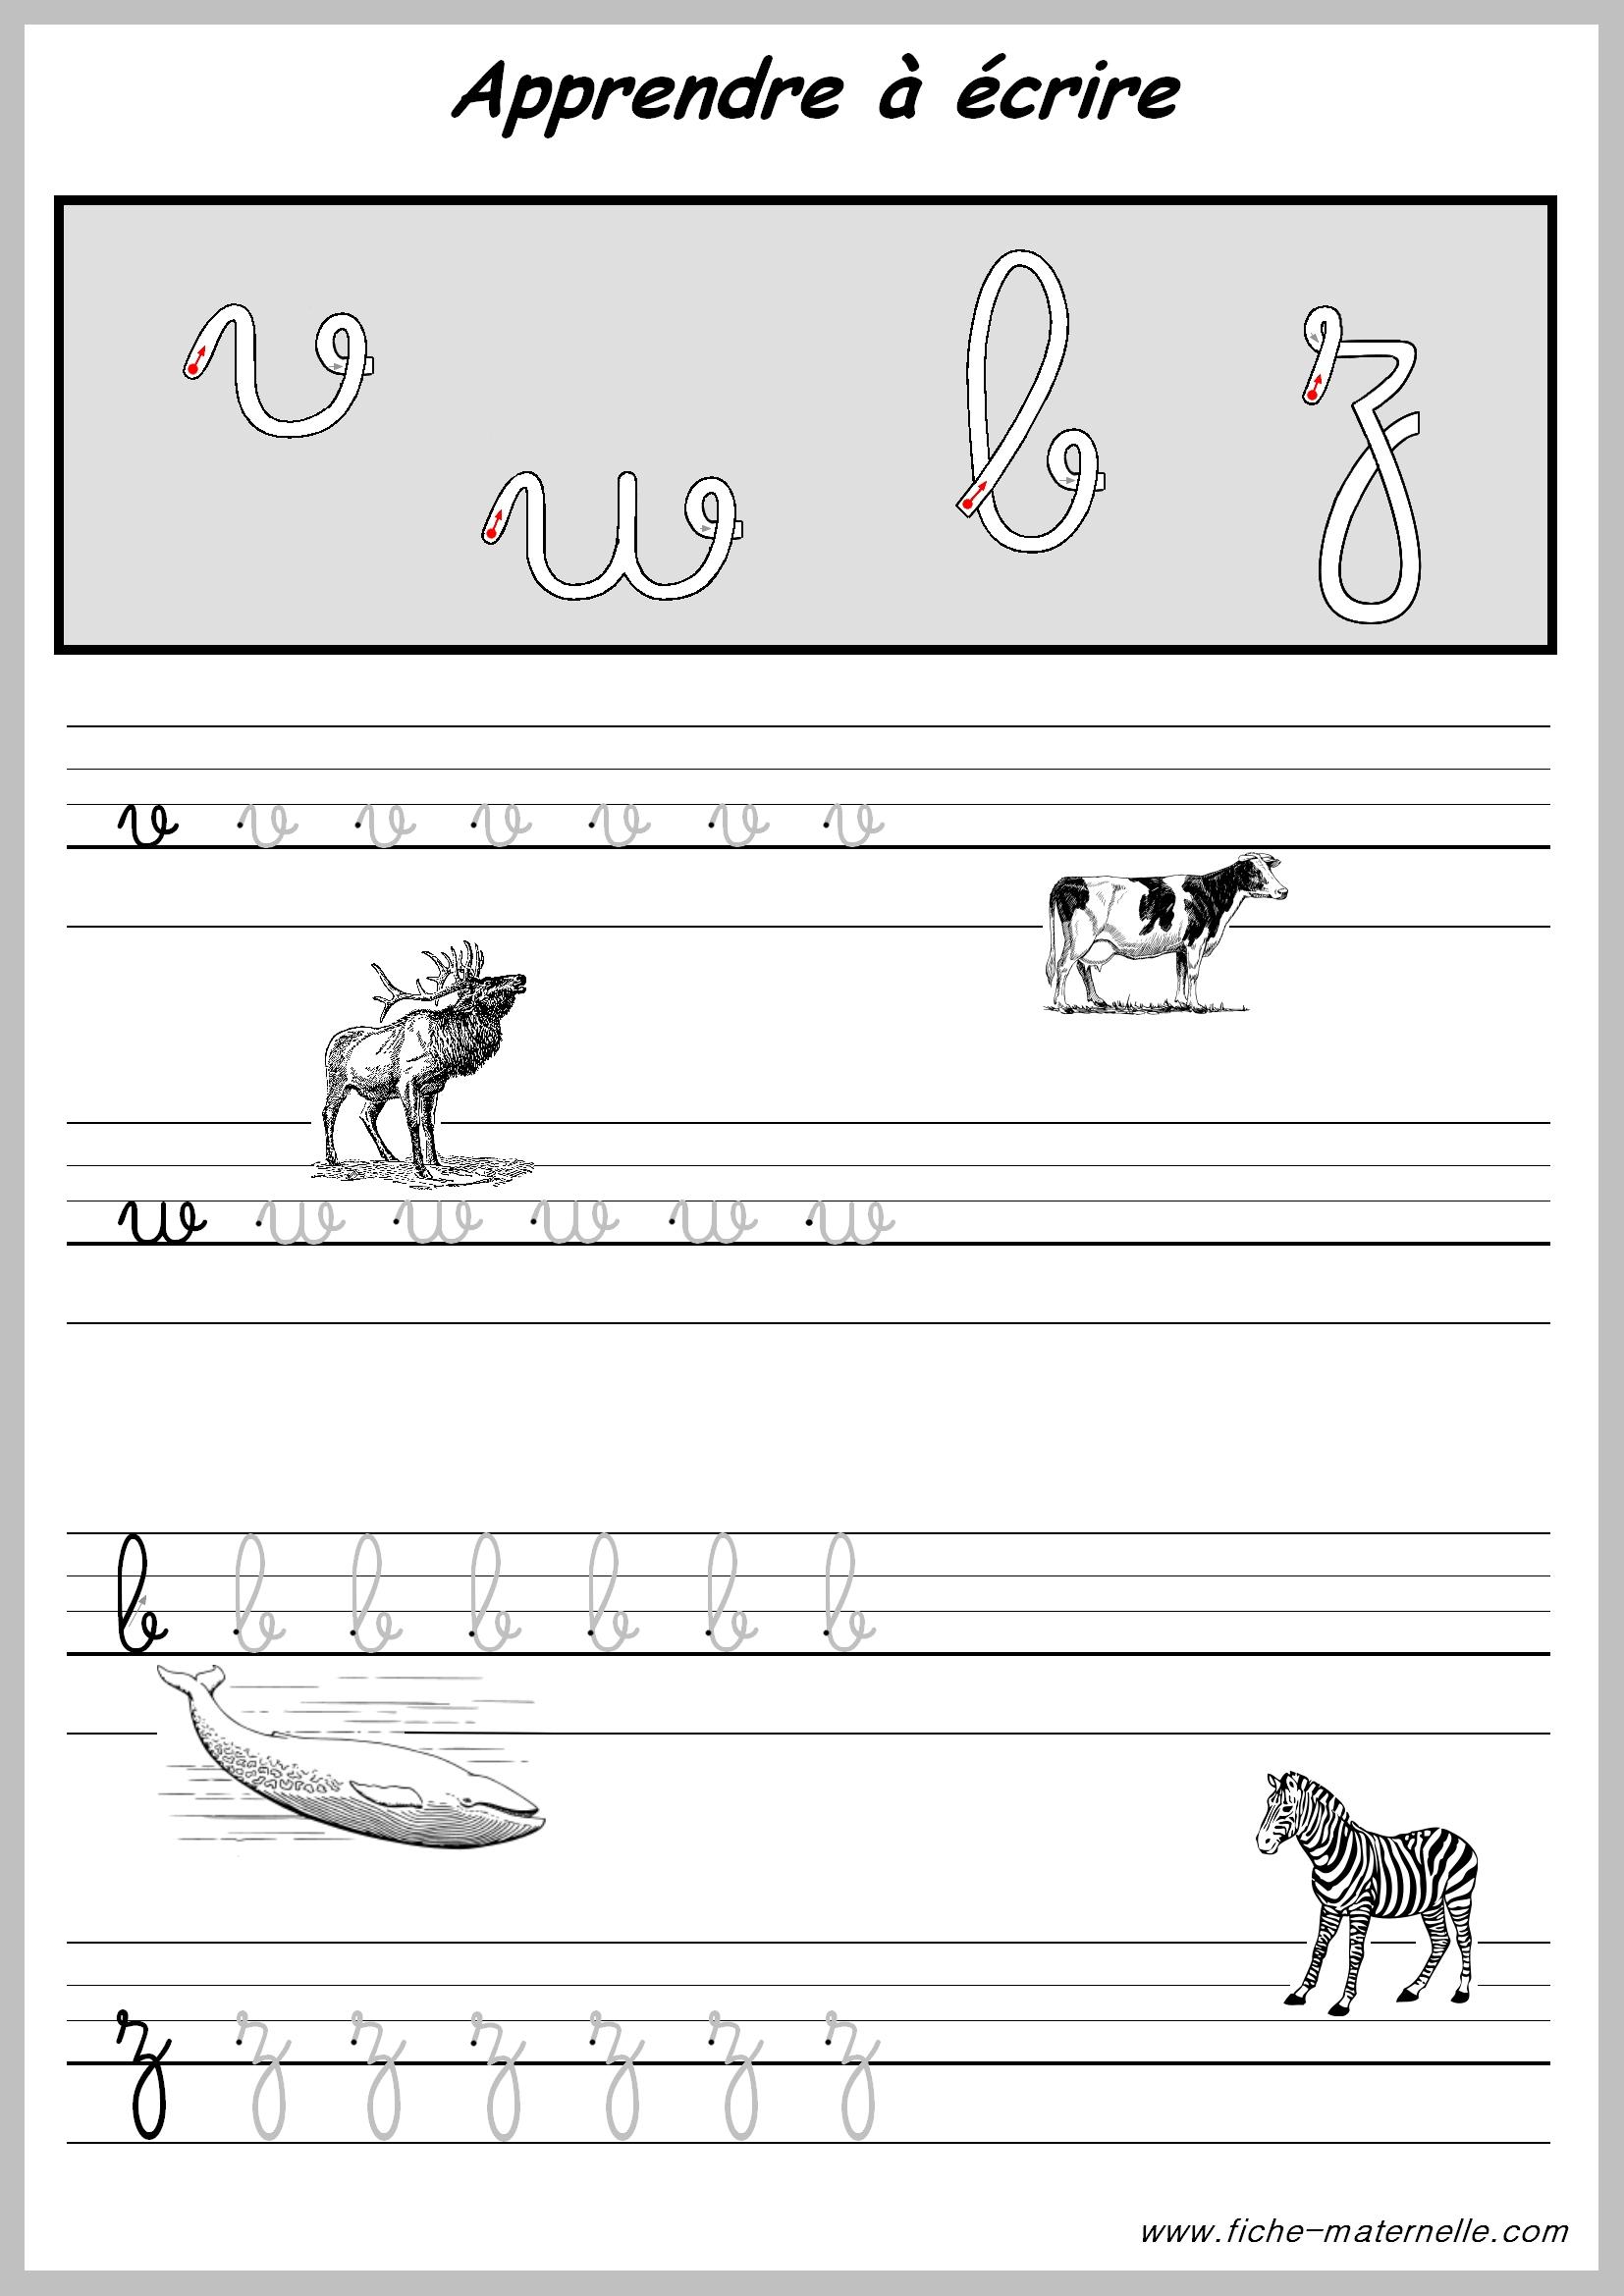 Exercices Pratiques Pour Apprendre A Ecrire. tout Exercice D Alphabet En Maternelle